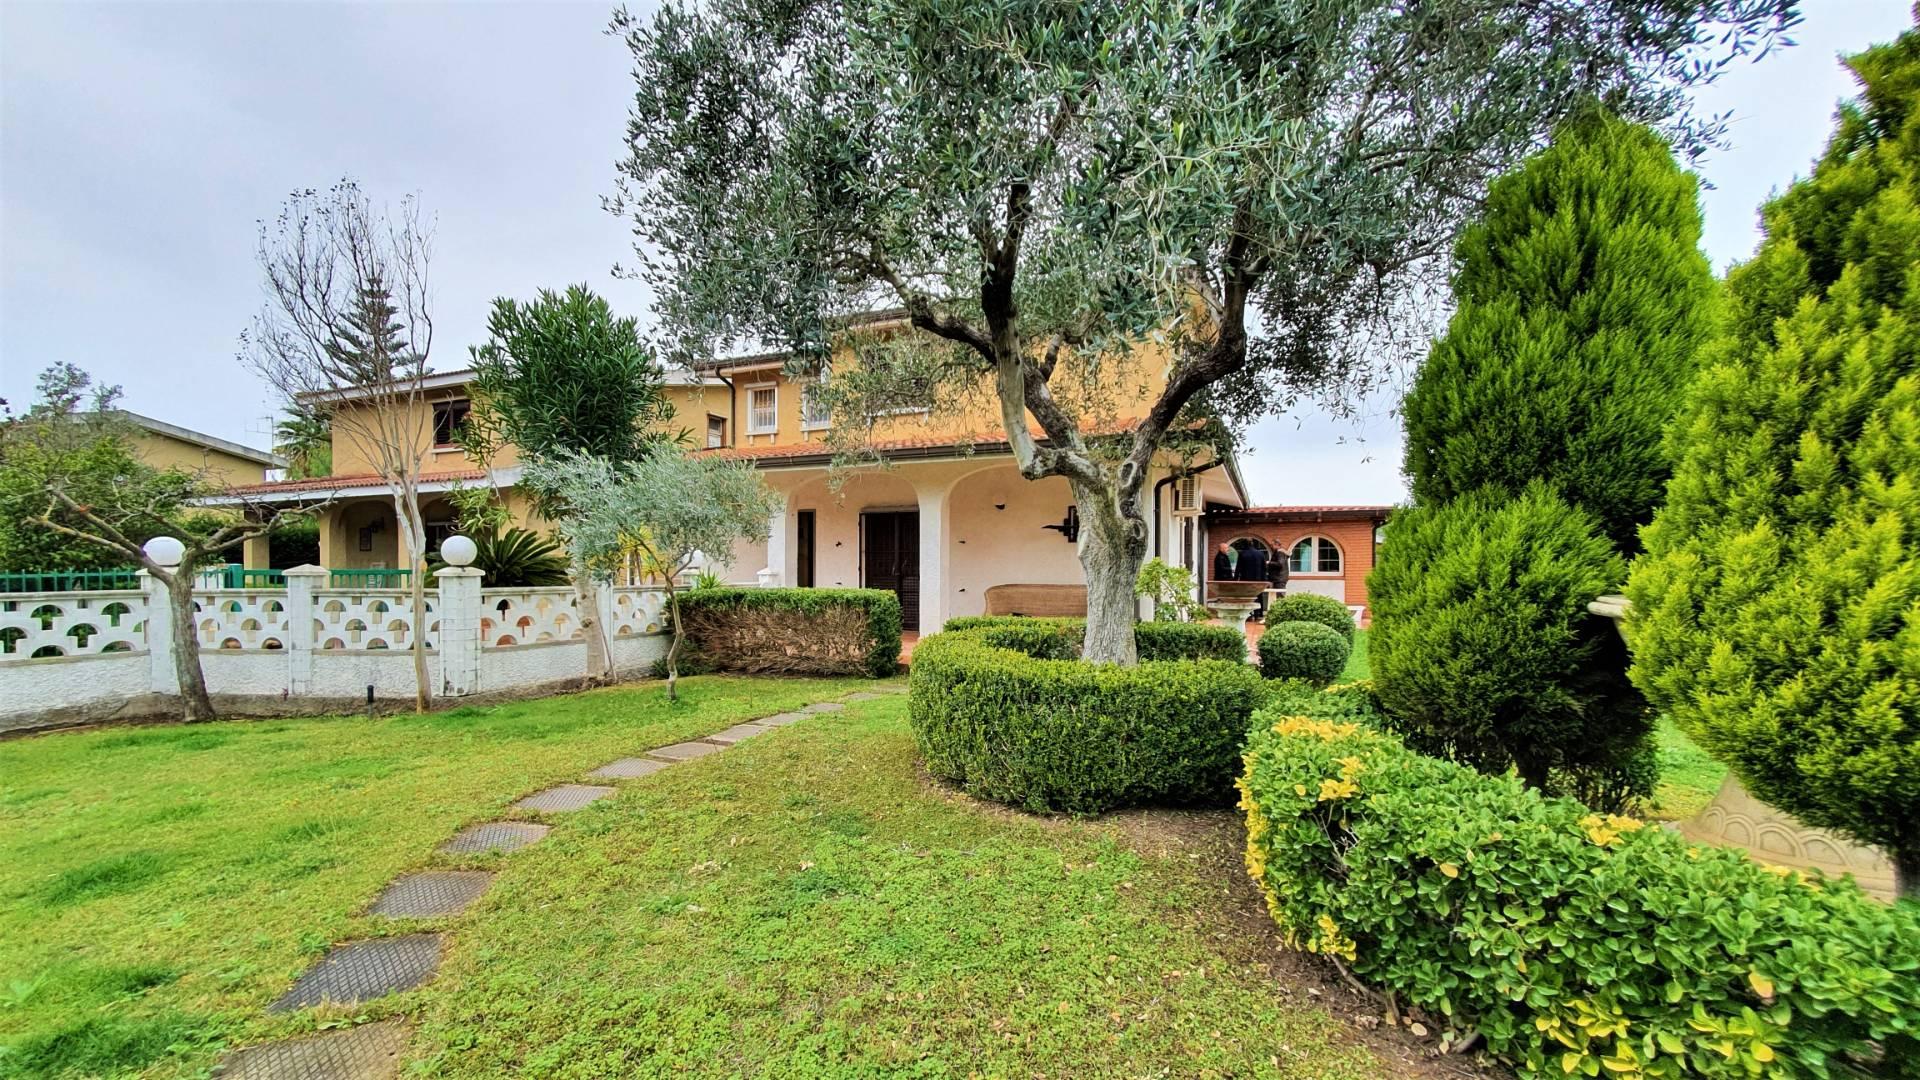 Villa in vendita a Borgia, 5 locali, zona Zona: Roccelletta, prezzo € 225.000   CambioCasa.it